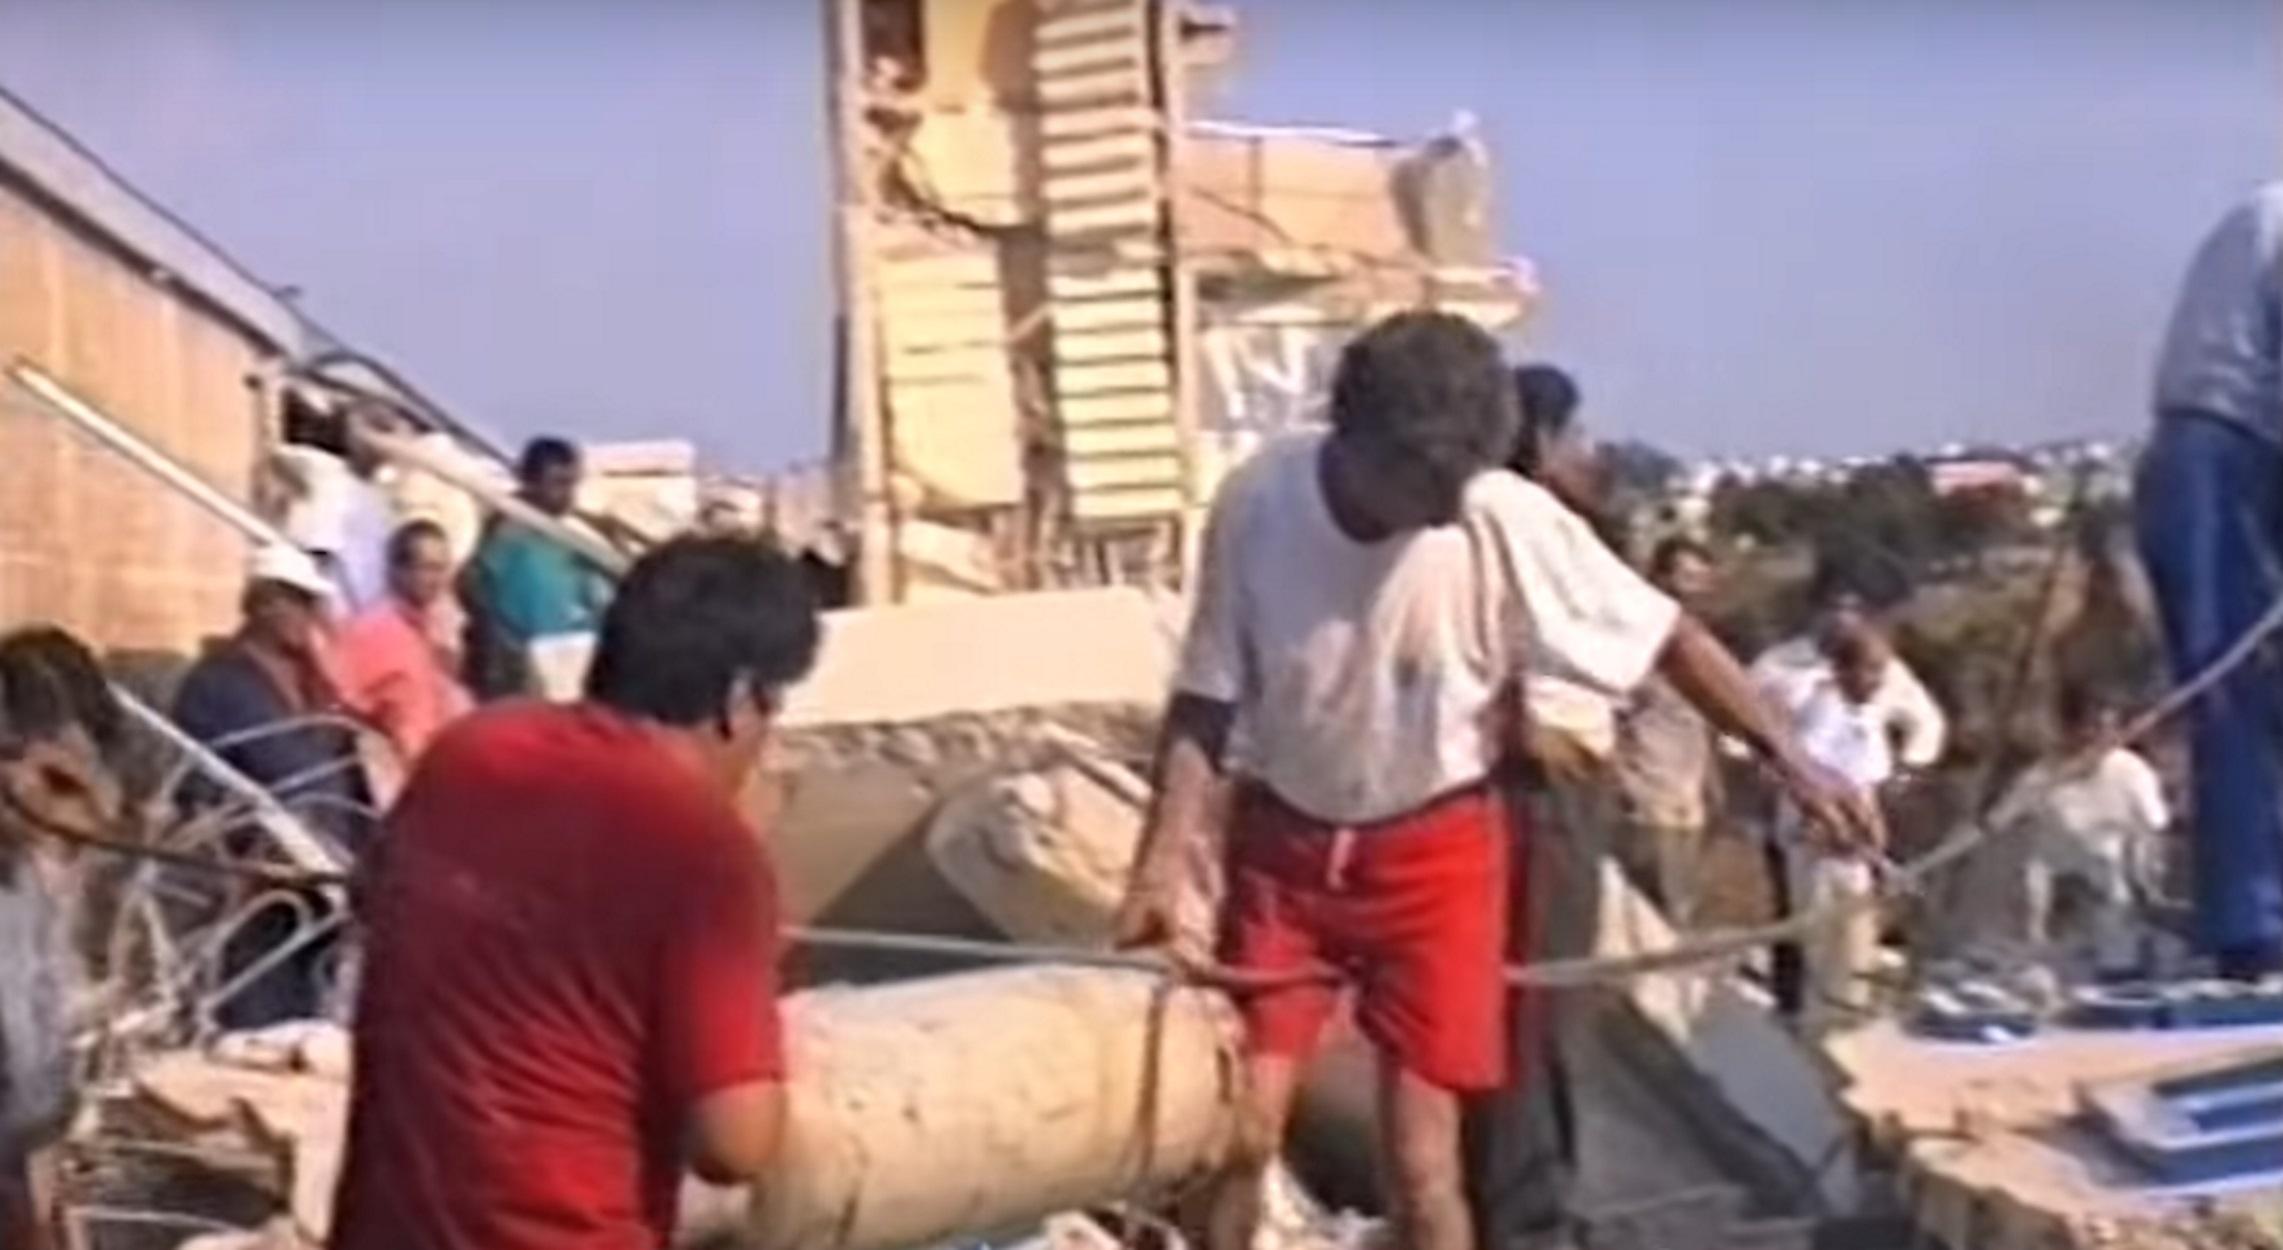 Όταν η Αθήνα θρηνούσε θύματα από τον φονικό σεισμό - Οι 143 νεκροί, η Ρικομέξ και οι εικόνες που έμειναν για πάντα στην μνήμη